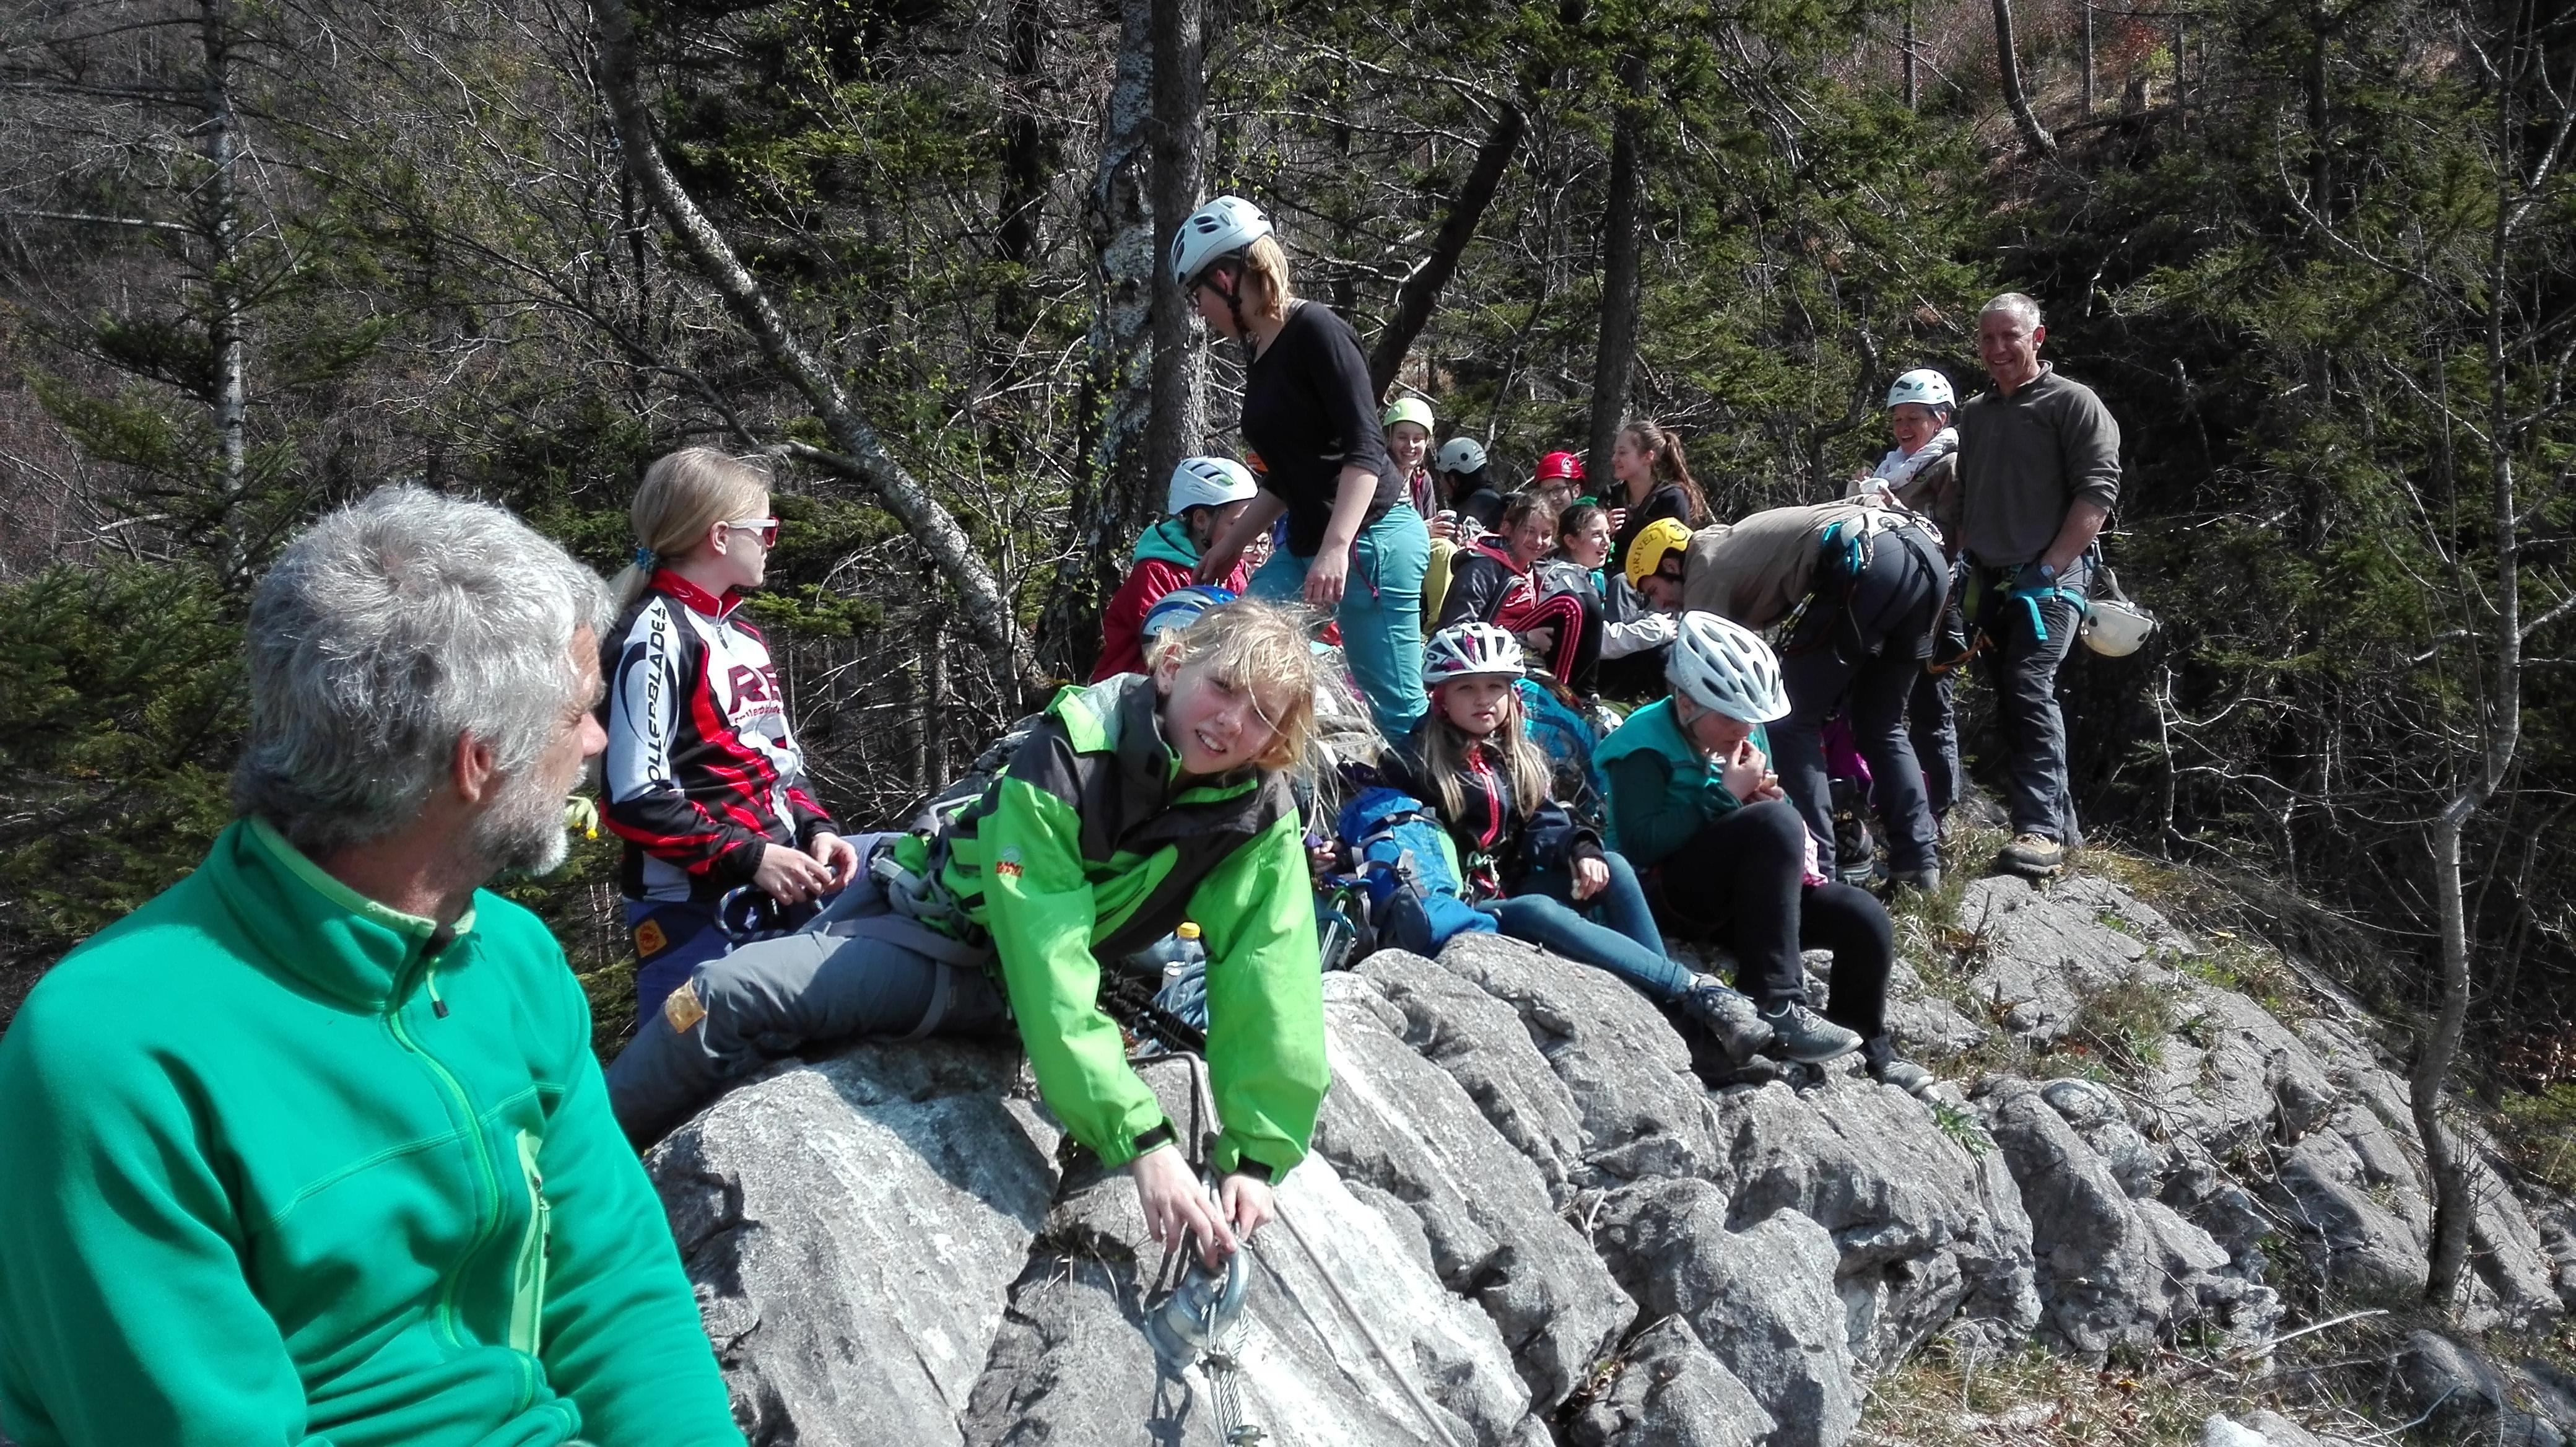 Klettersteig Netstal : Tabaretta klettersteig bergsteigen